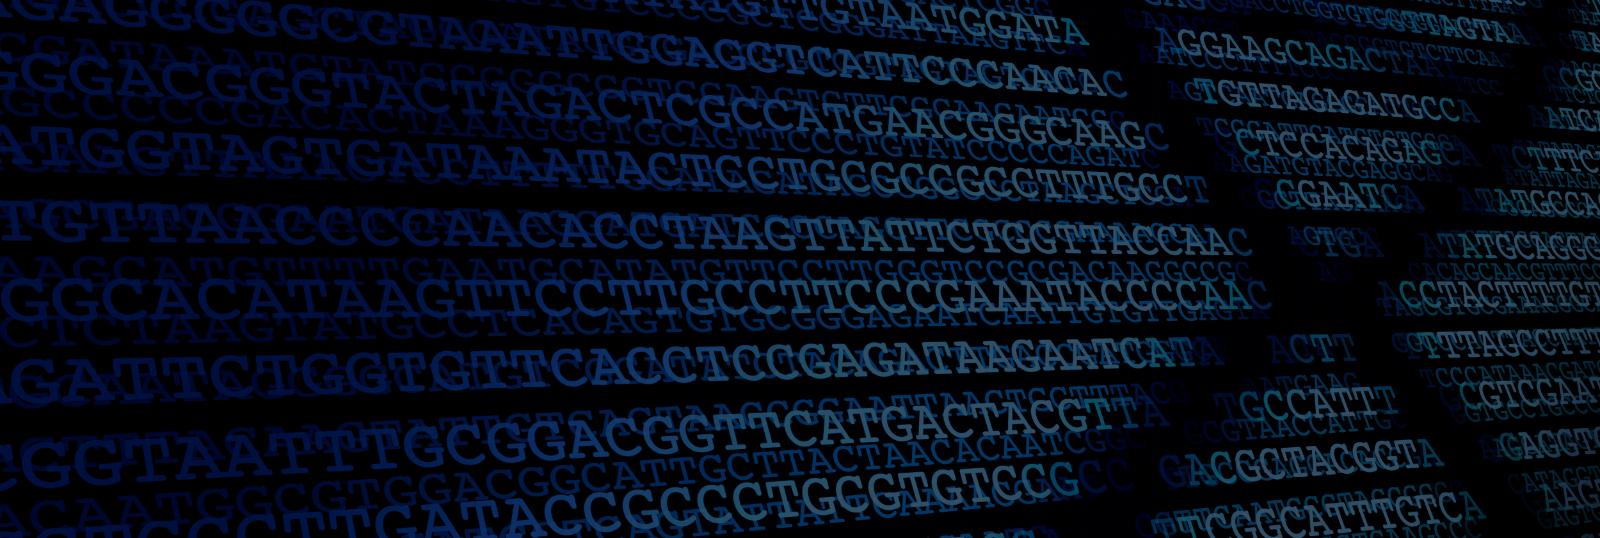 About Rapid Genomics